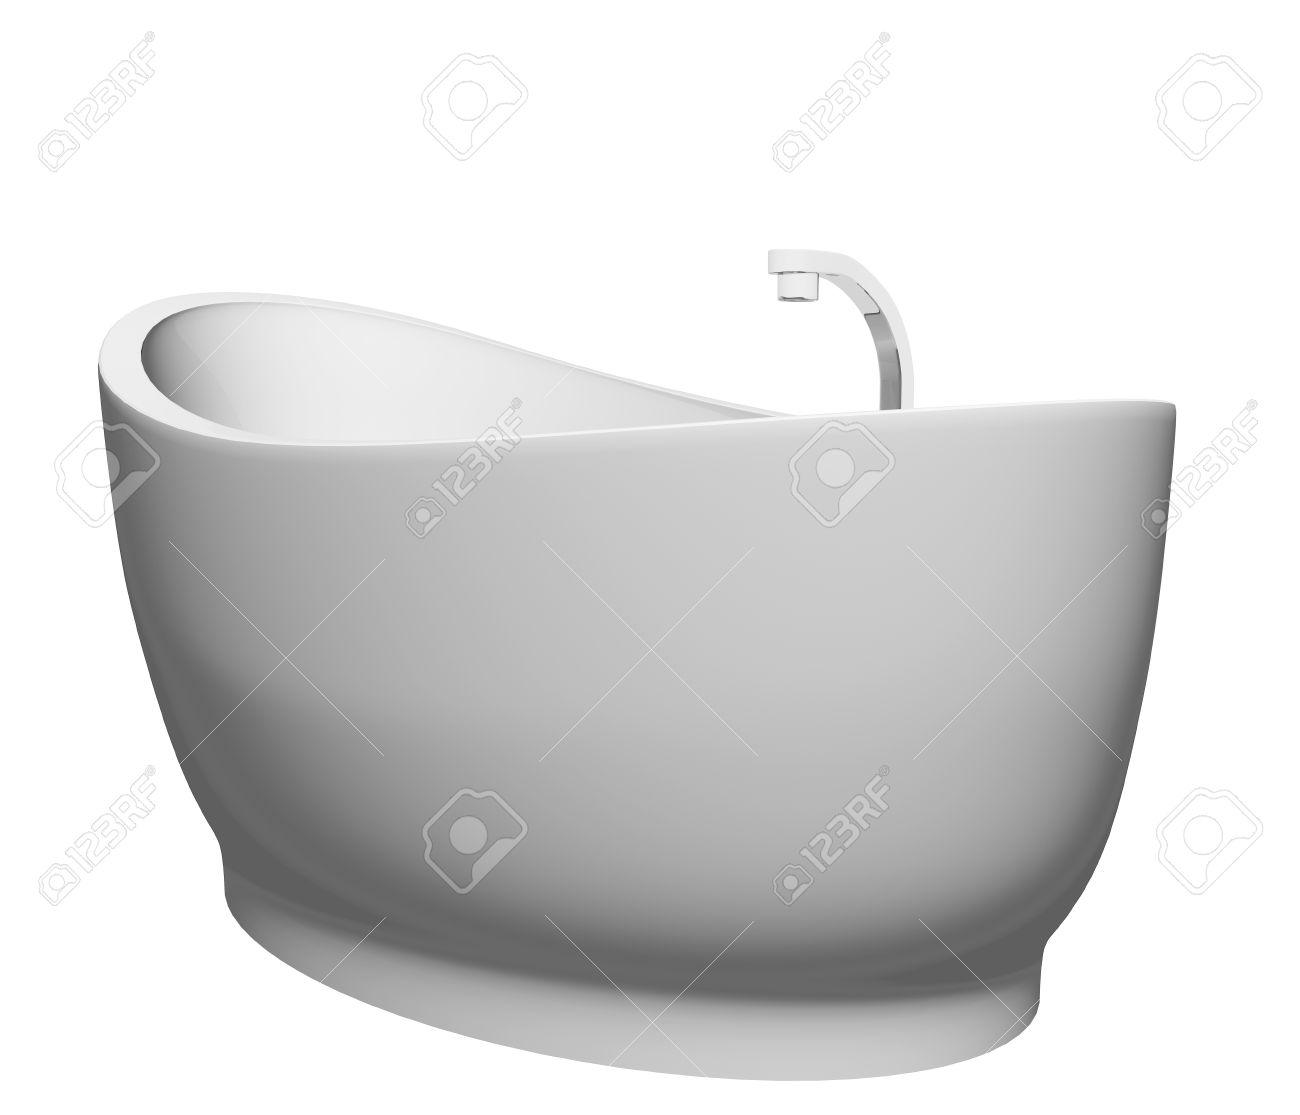 Pedestal Modernen Weißen Badewanne Mit Edelstahl-Armaturen, Vor ...